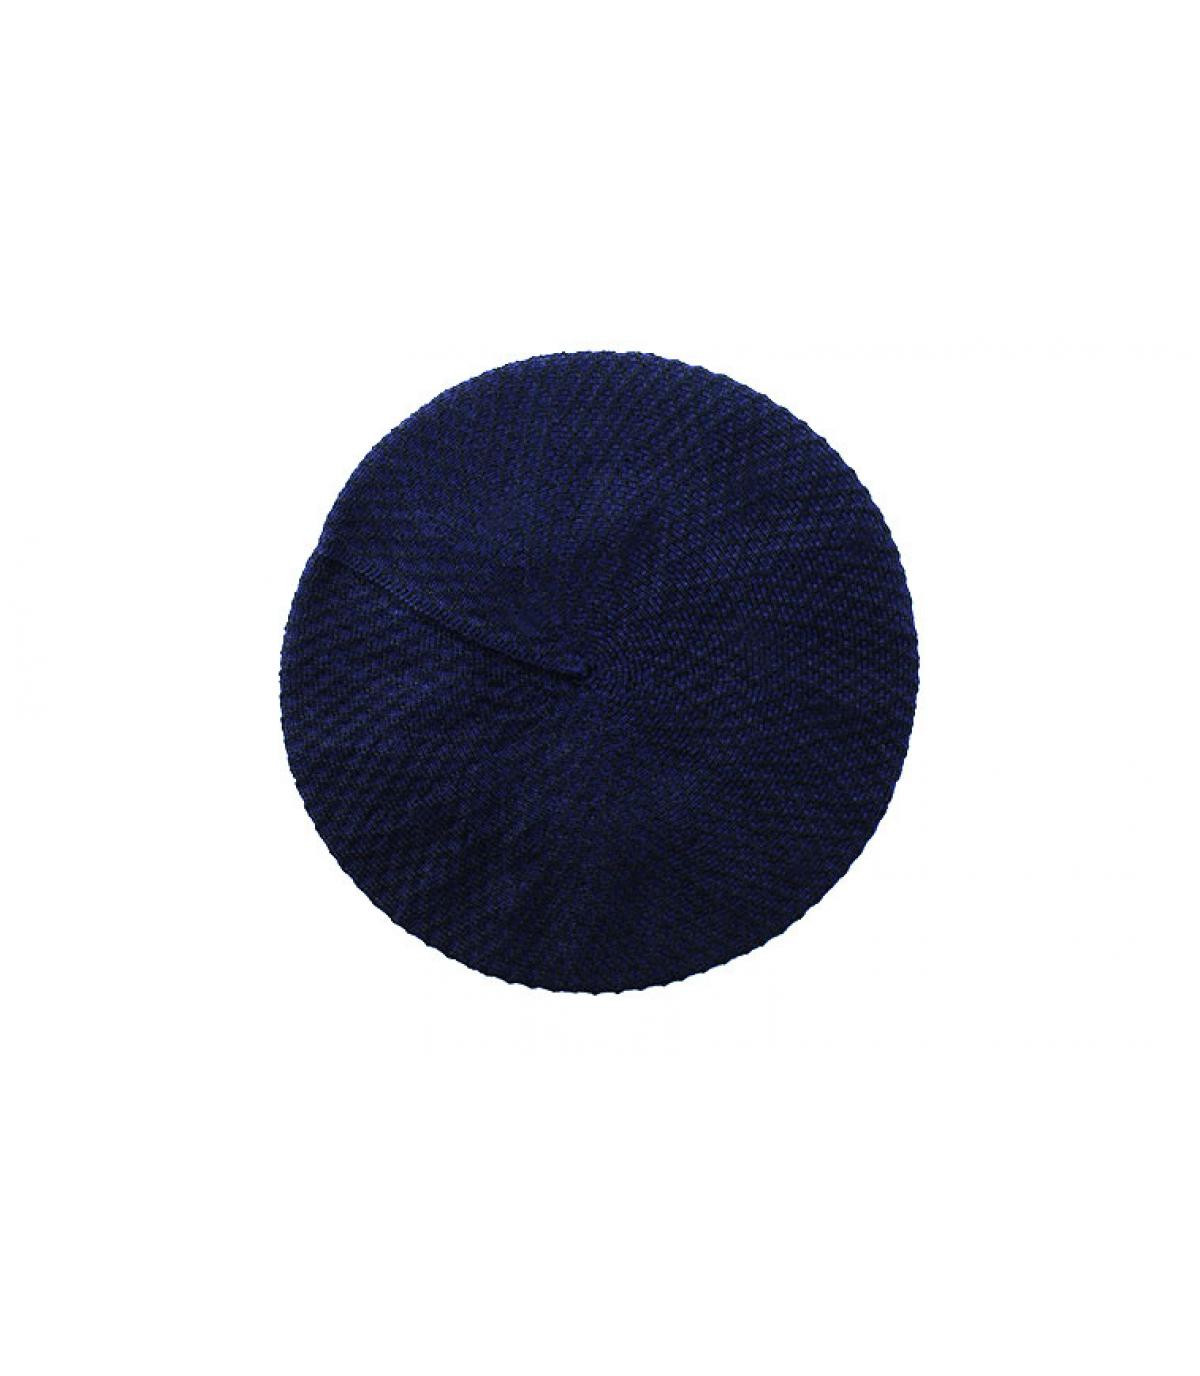 béret coton bleu Laulhère